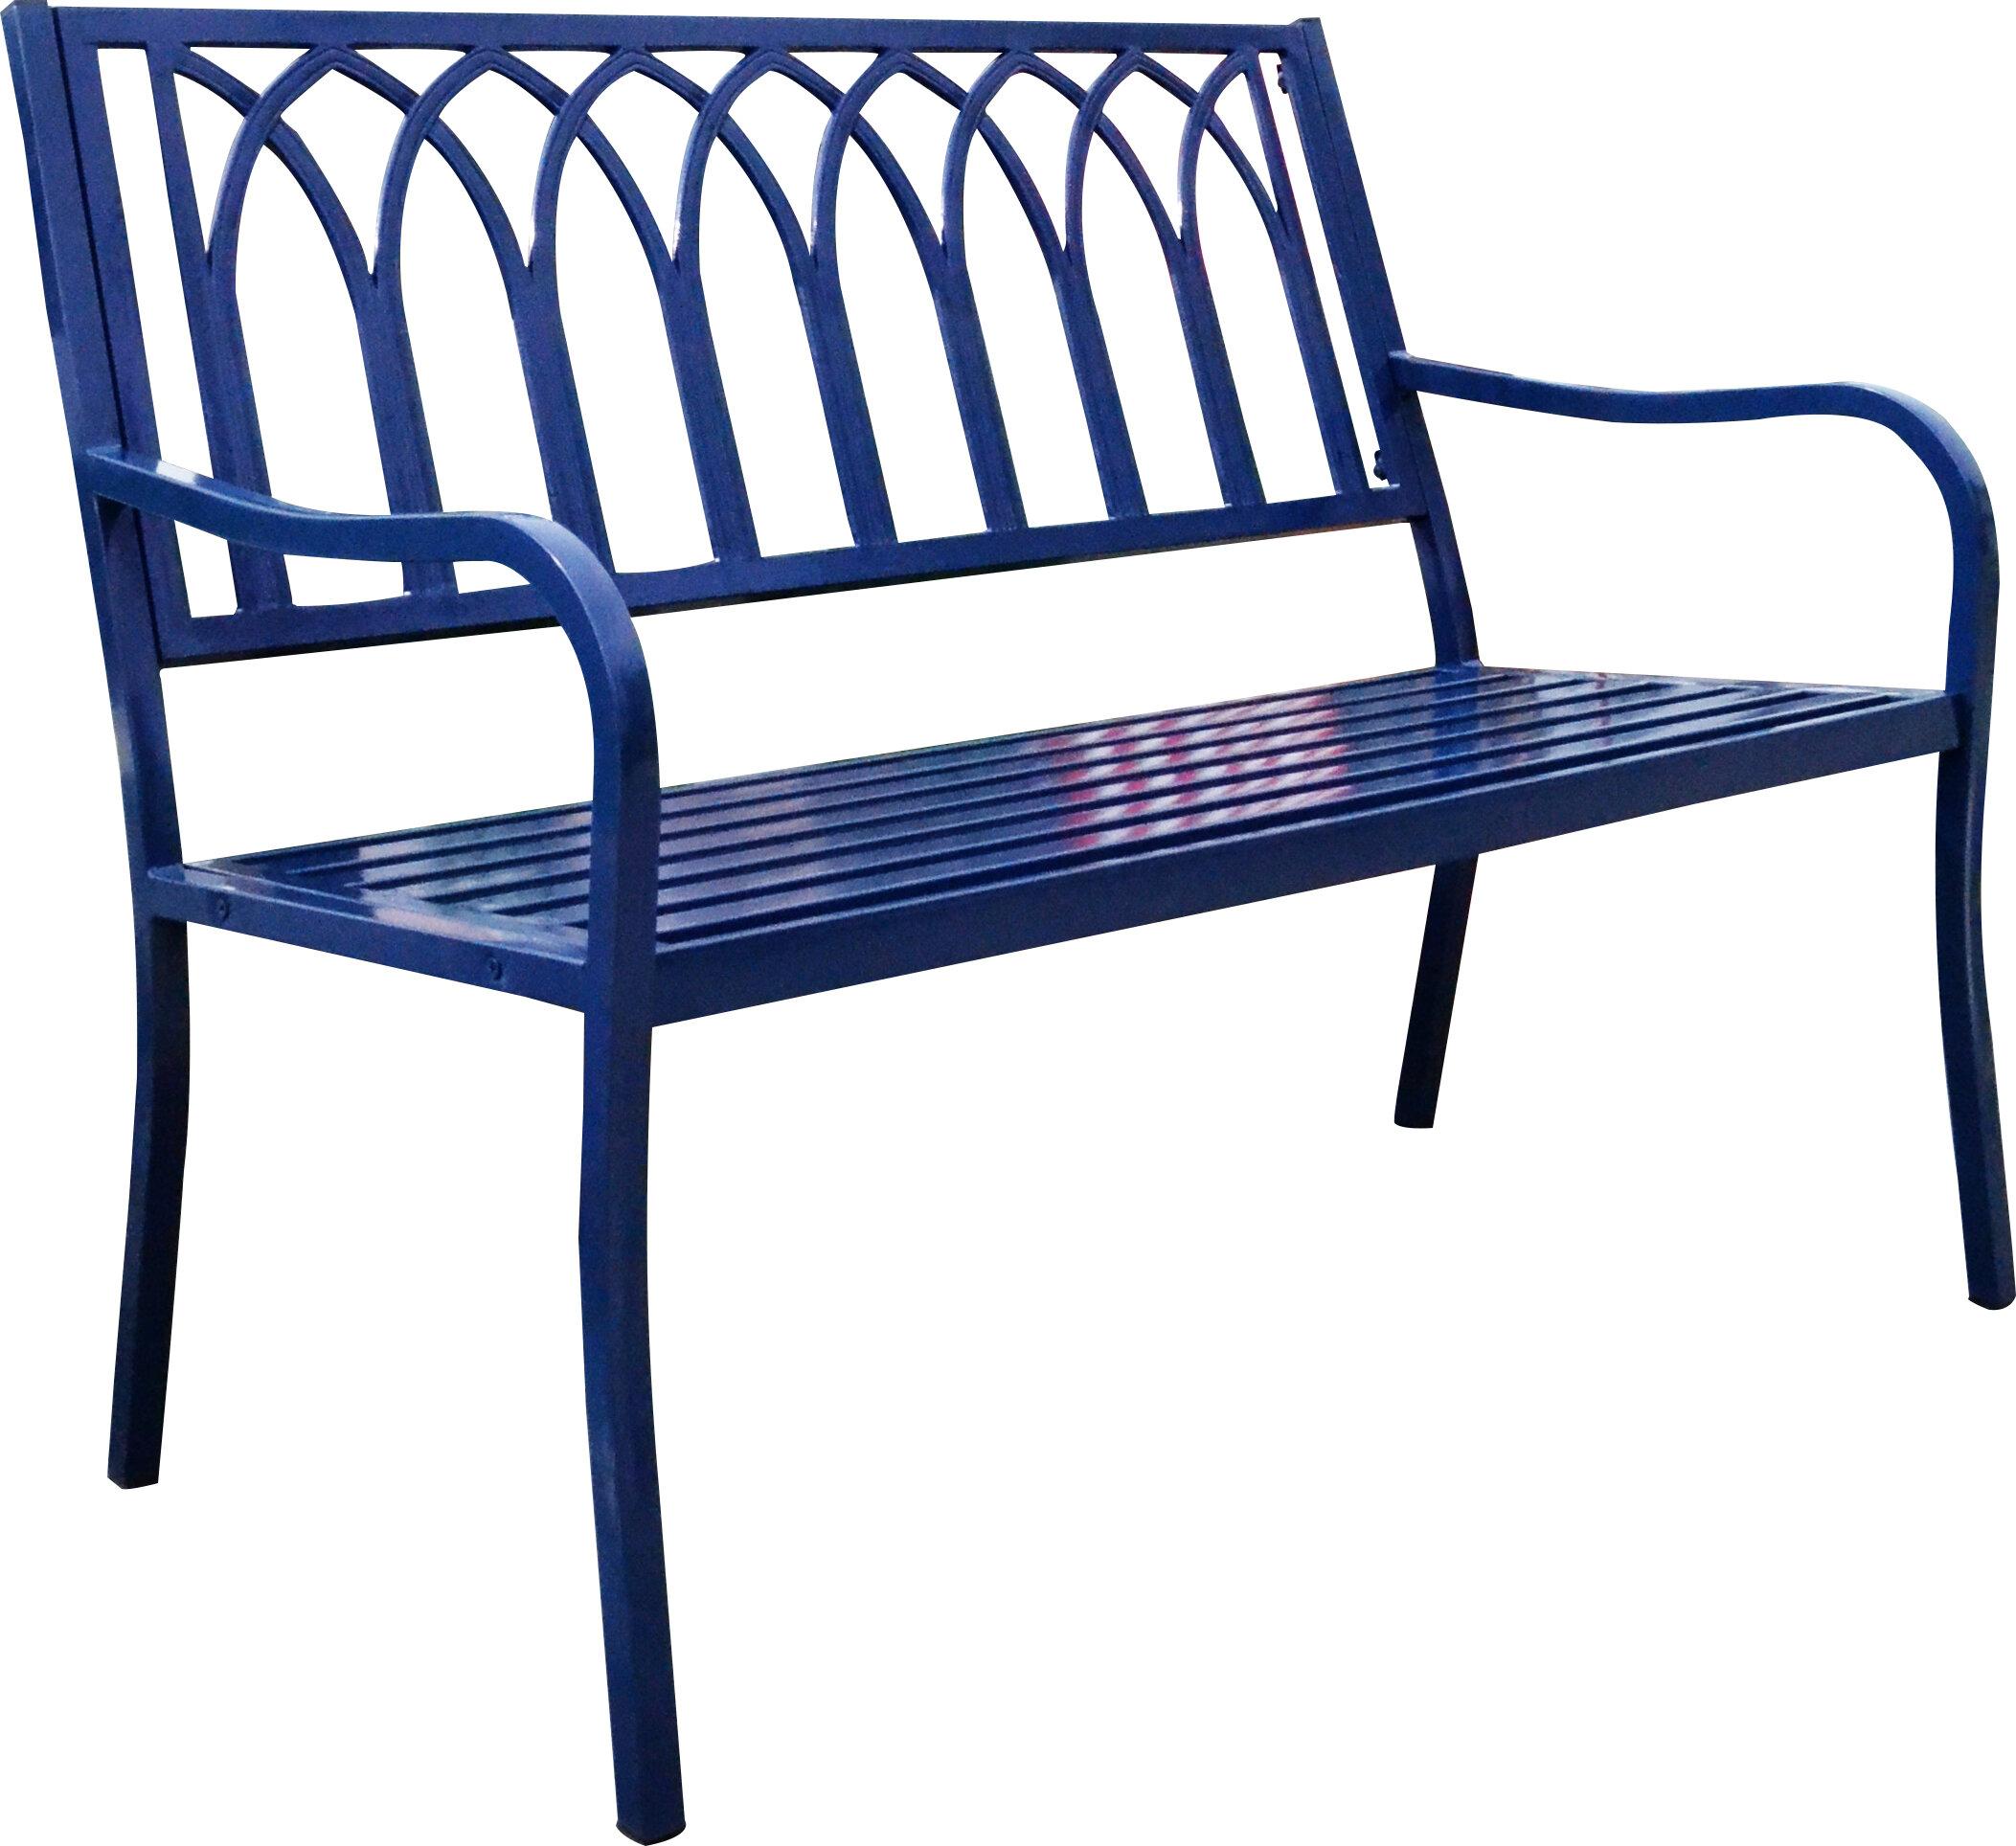 Magnificent Blankenship Steel Garden Bench Ibusinesslaw Wood Chair Design Ideas Ibusinesslaworg